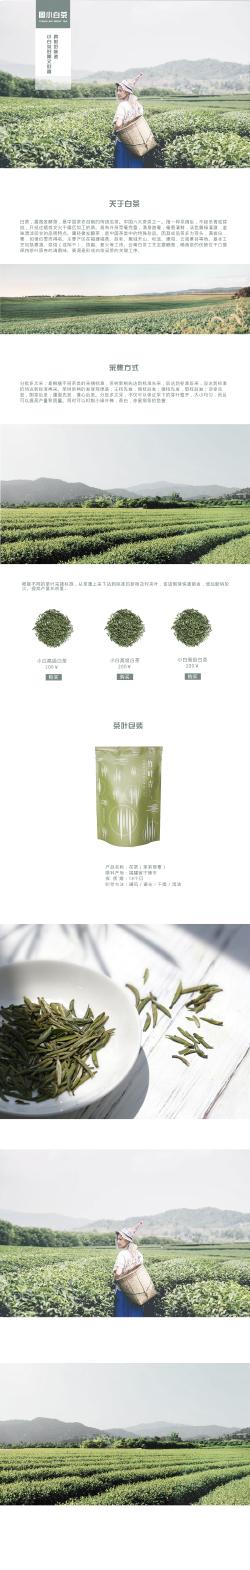 $低保风 清新茶叶淘宝详情页